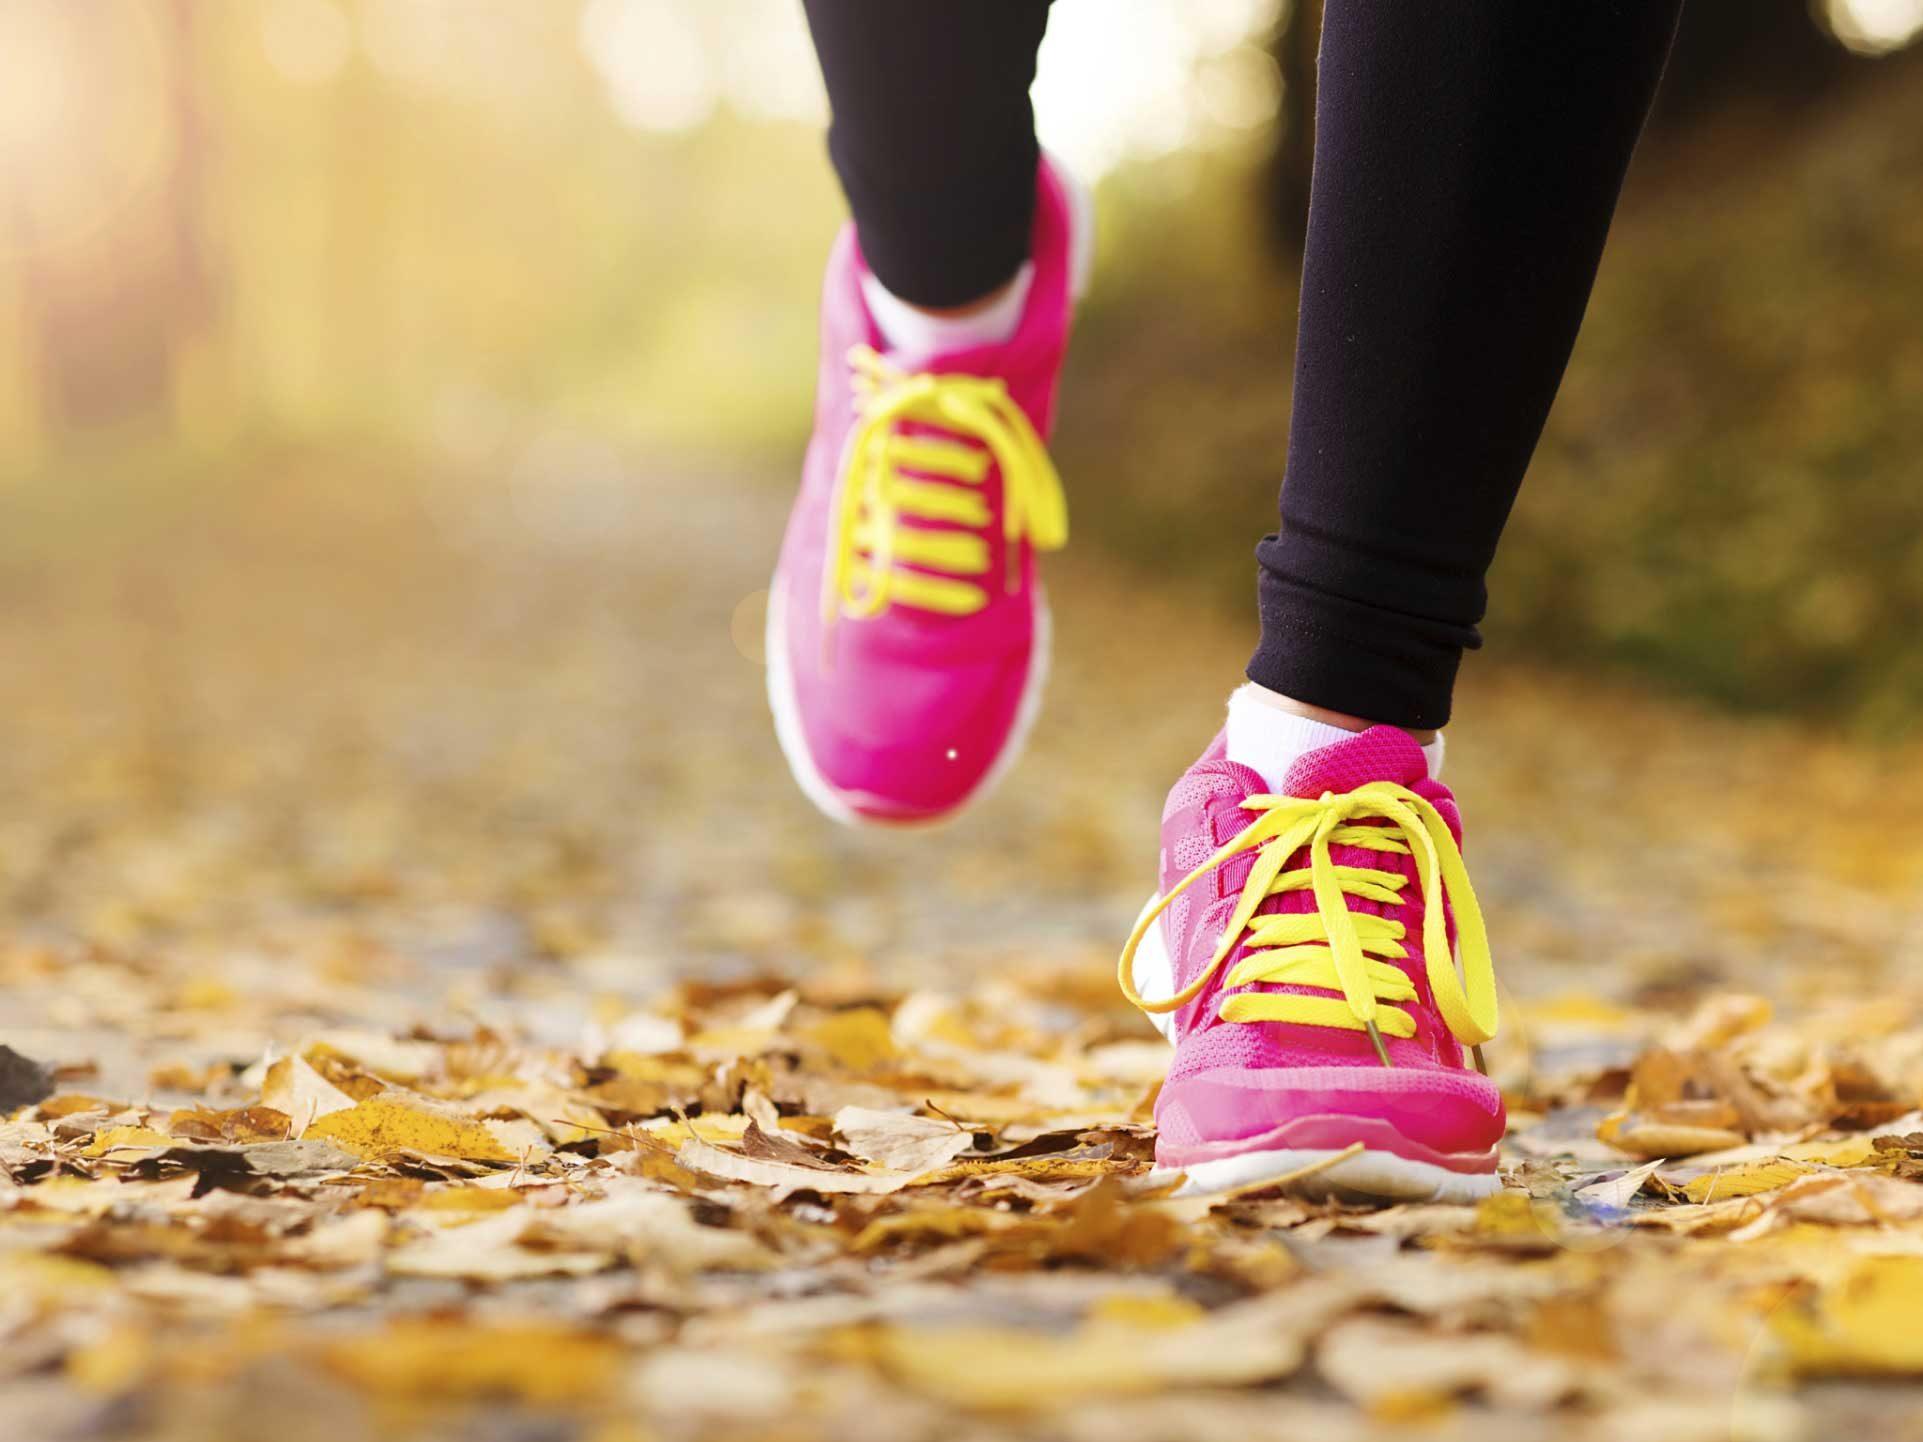 Kết quả hình ảnh cho Walking Lowers Blood Pressure